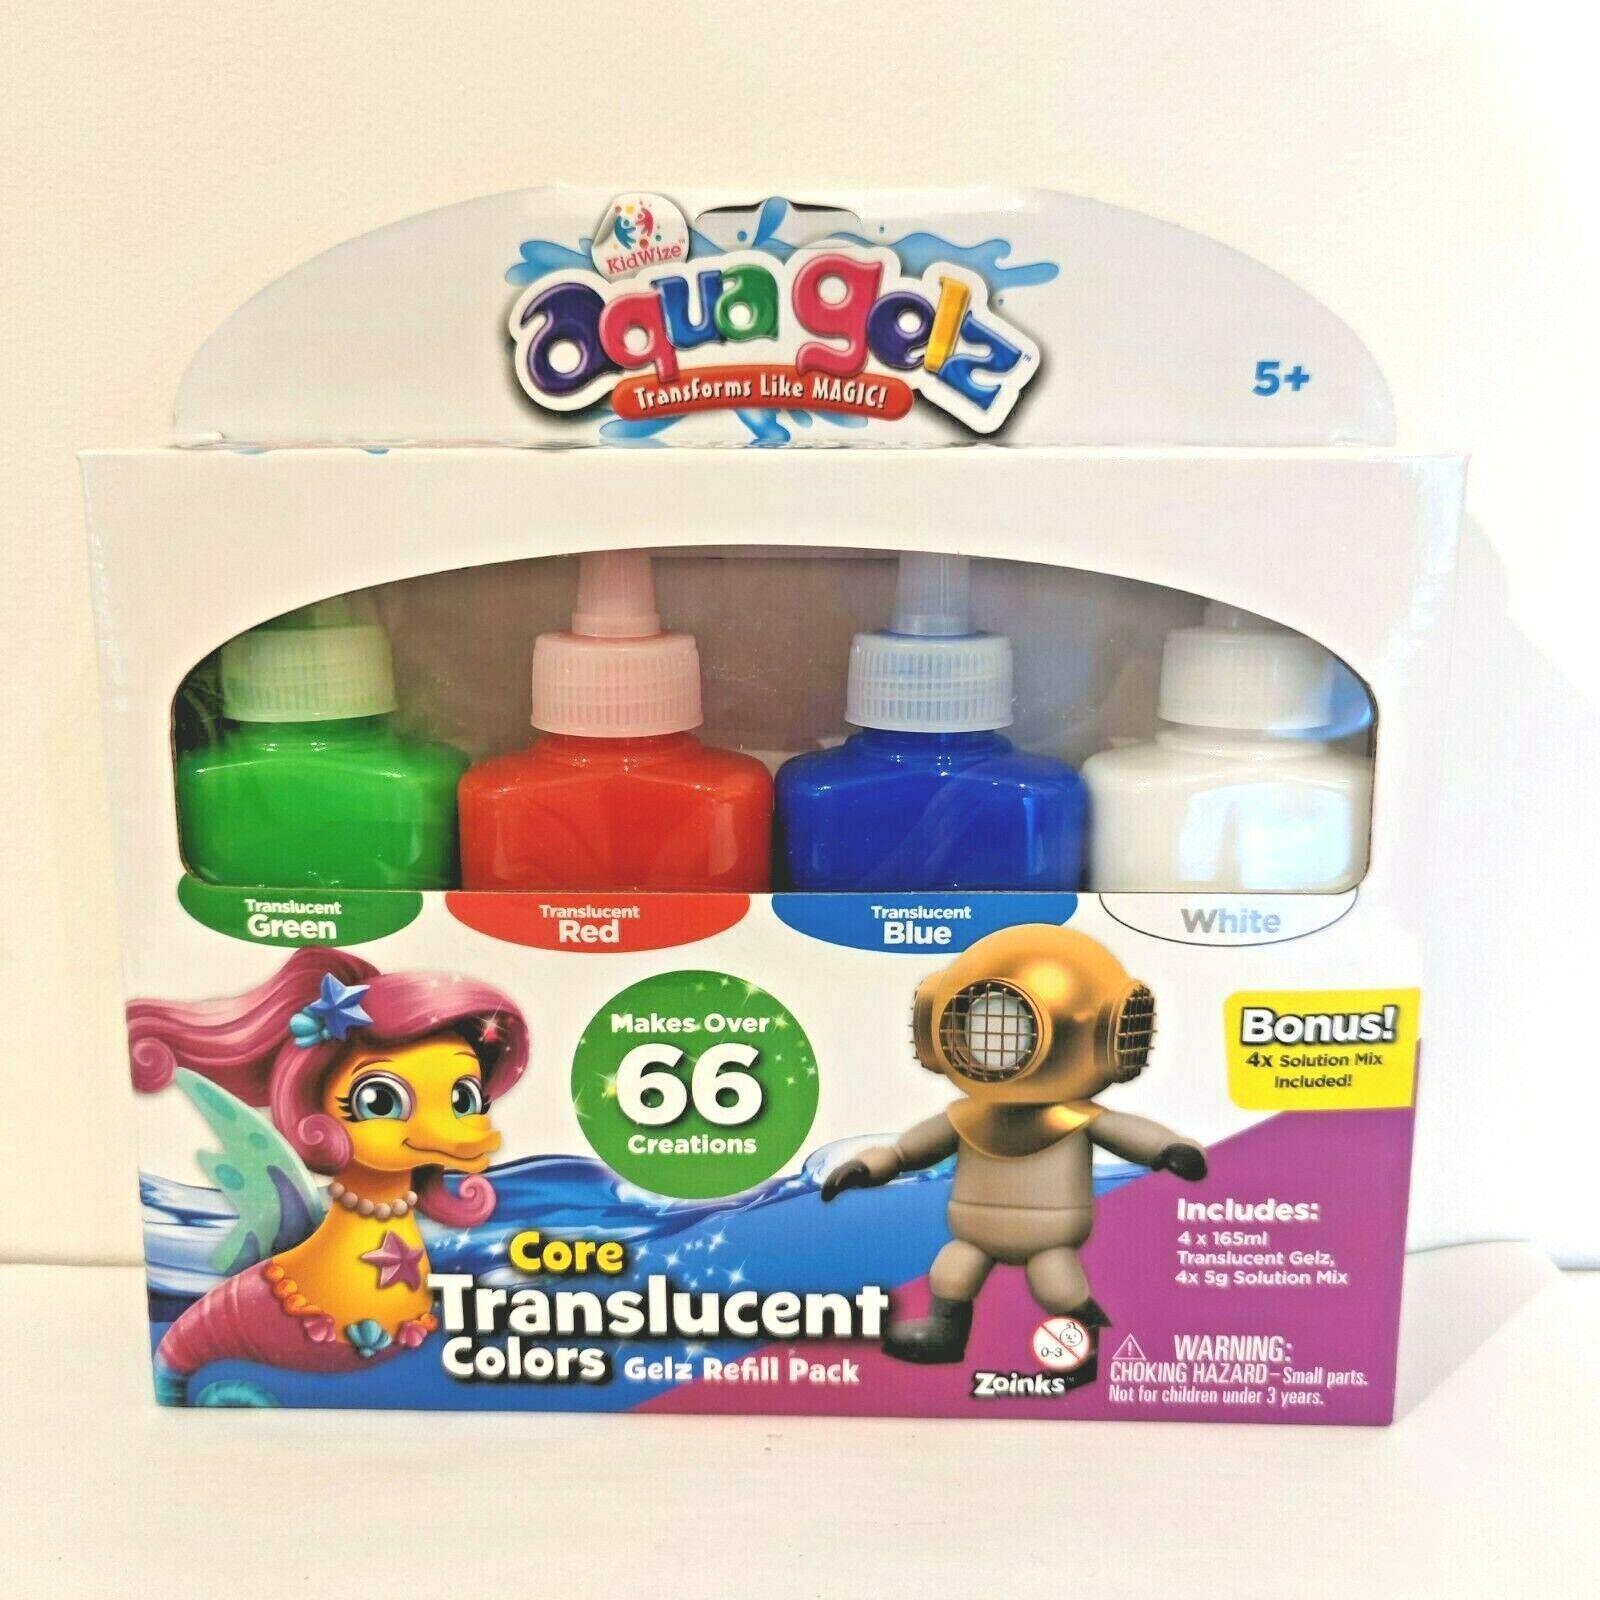 Aqua Gelz Core Translucent Colours Gelz Refill Packs - 9 Units Per Lot